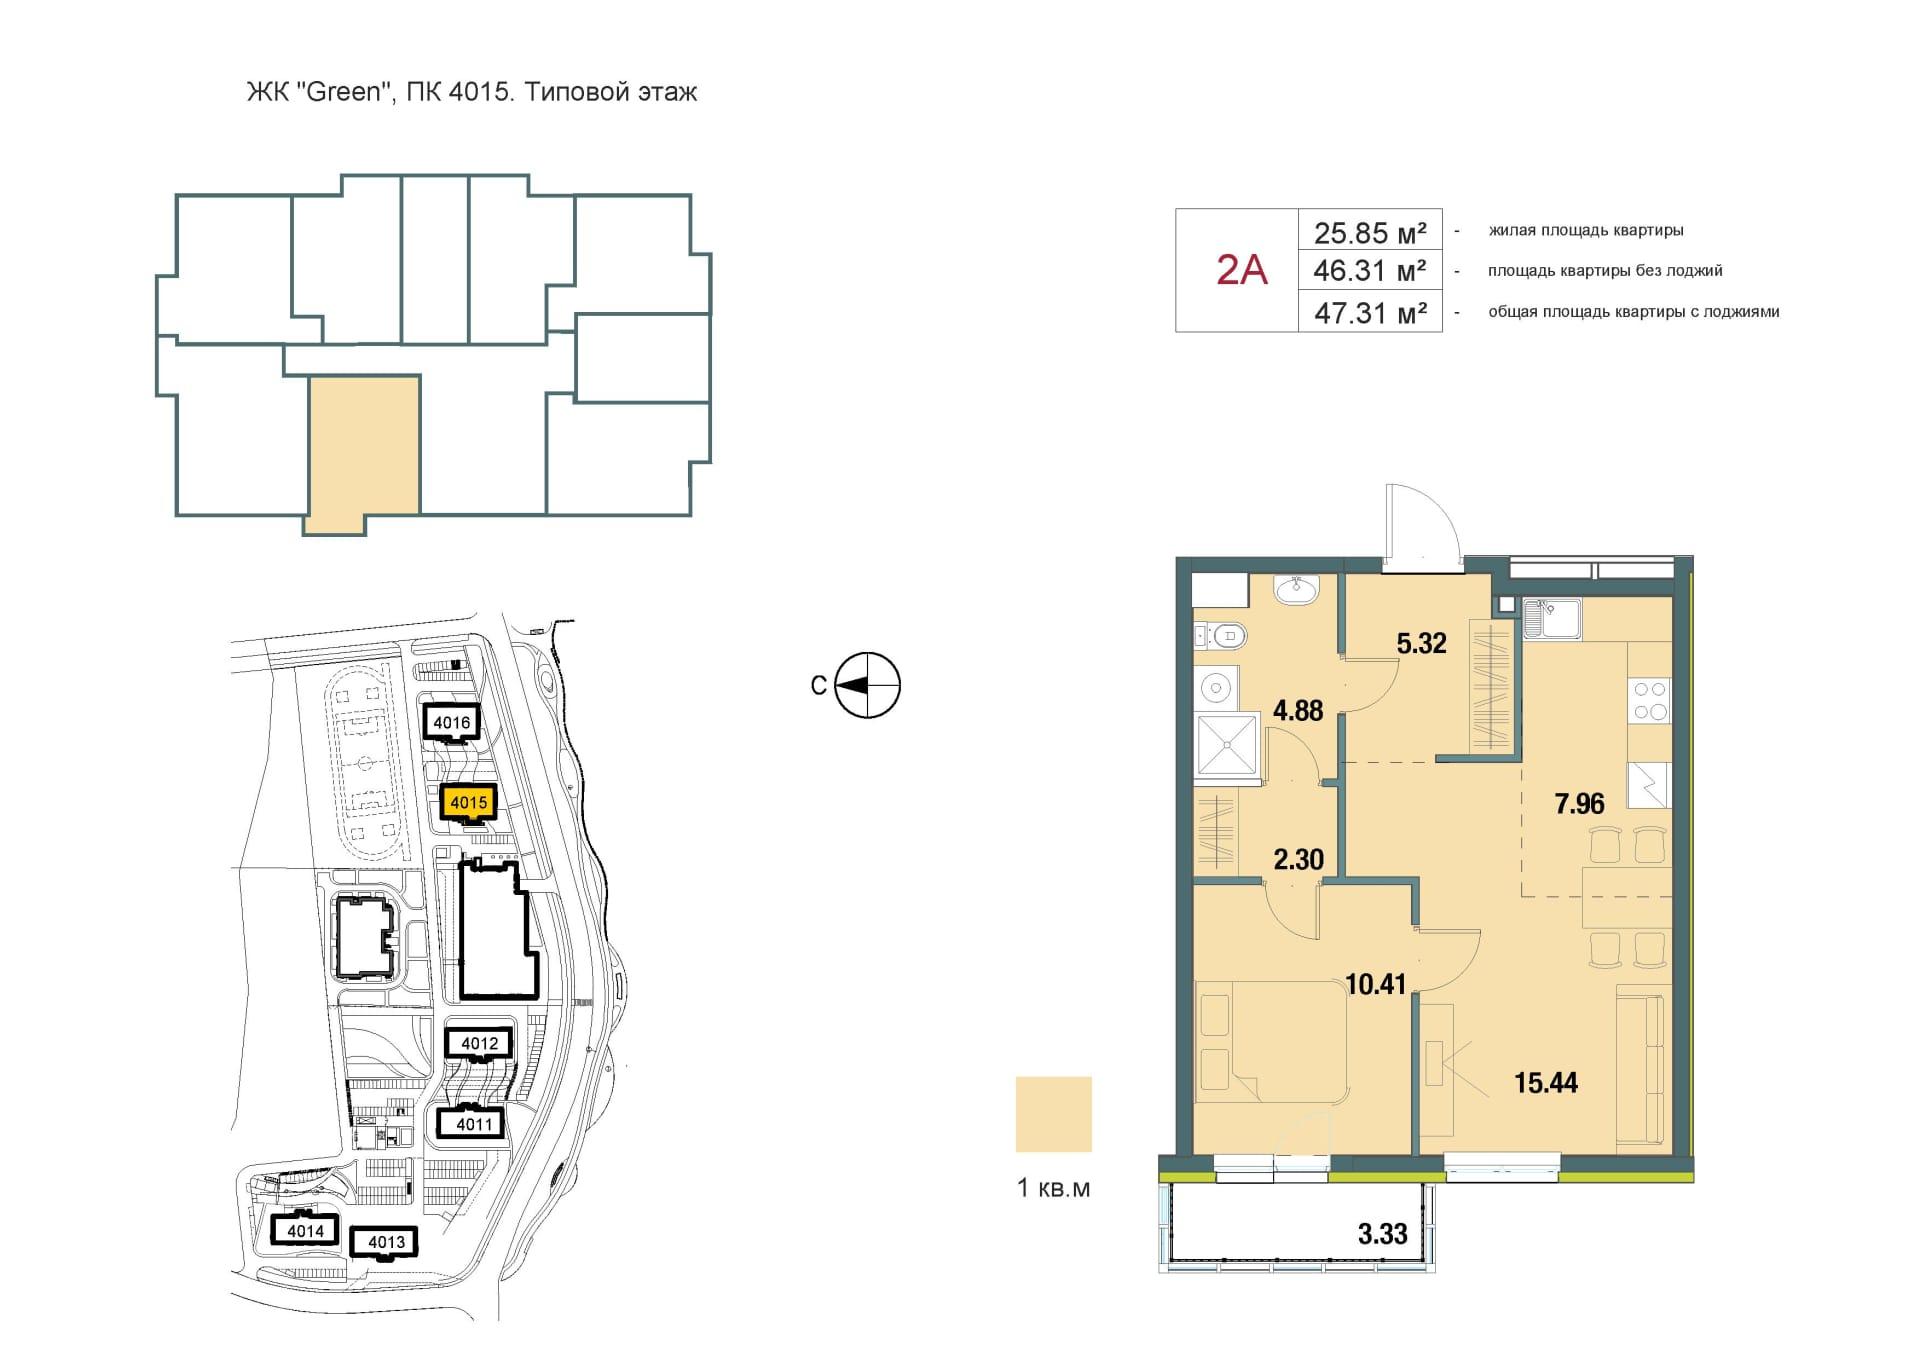 Квартира №108